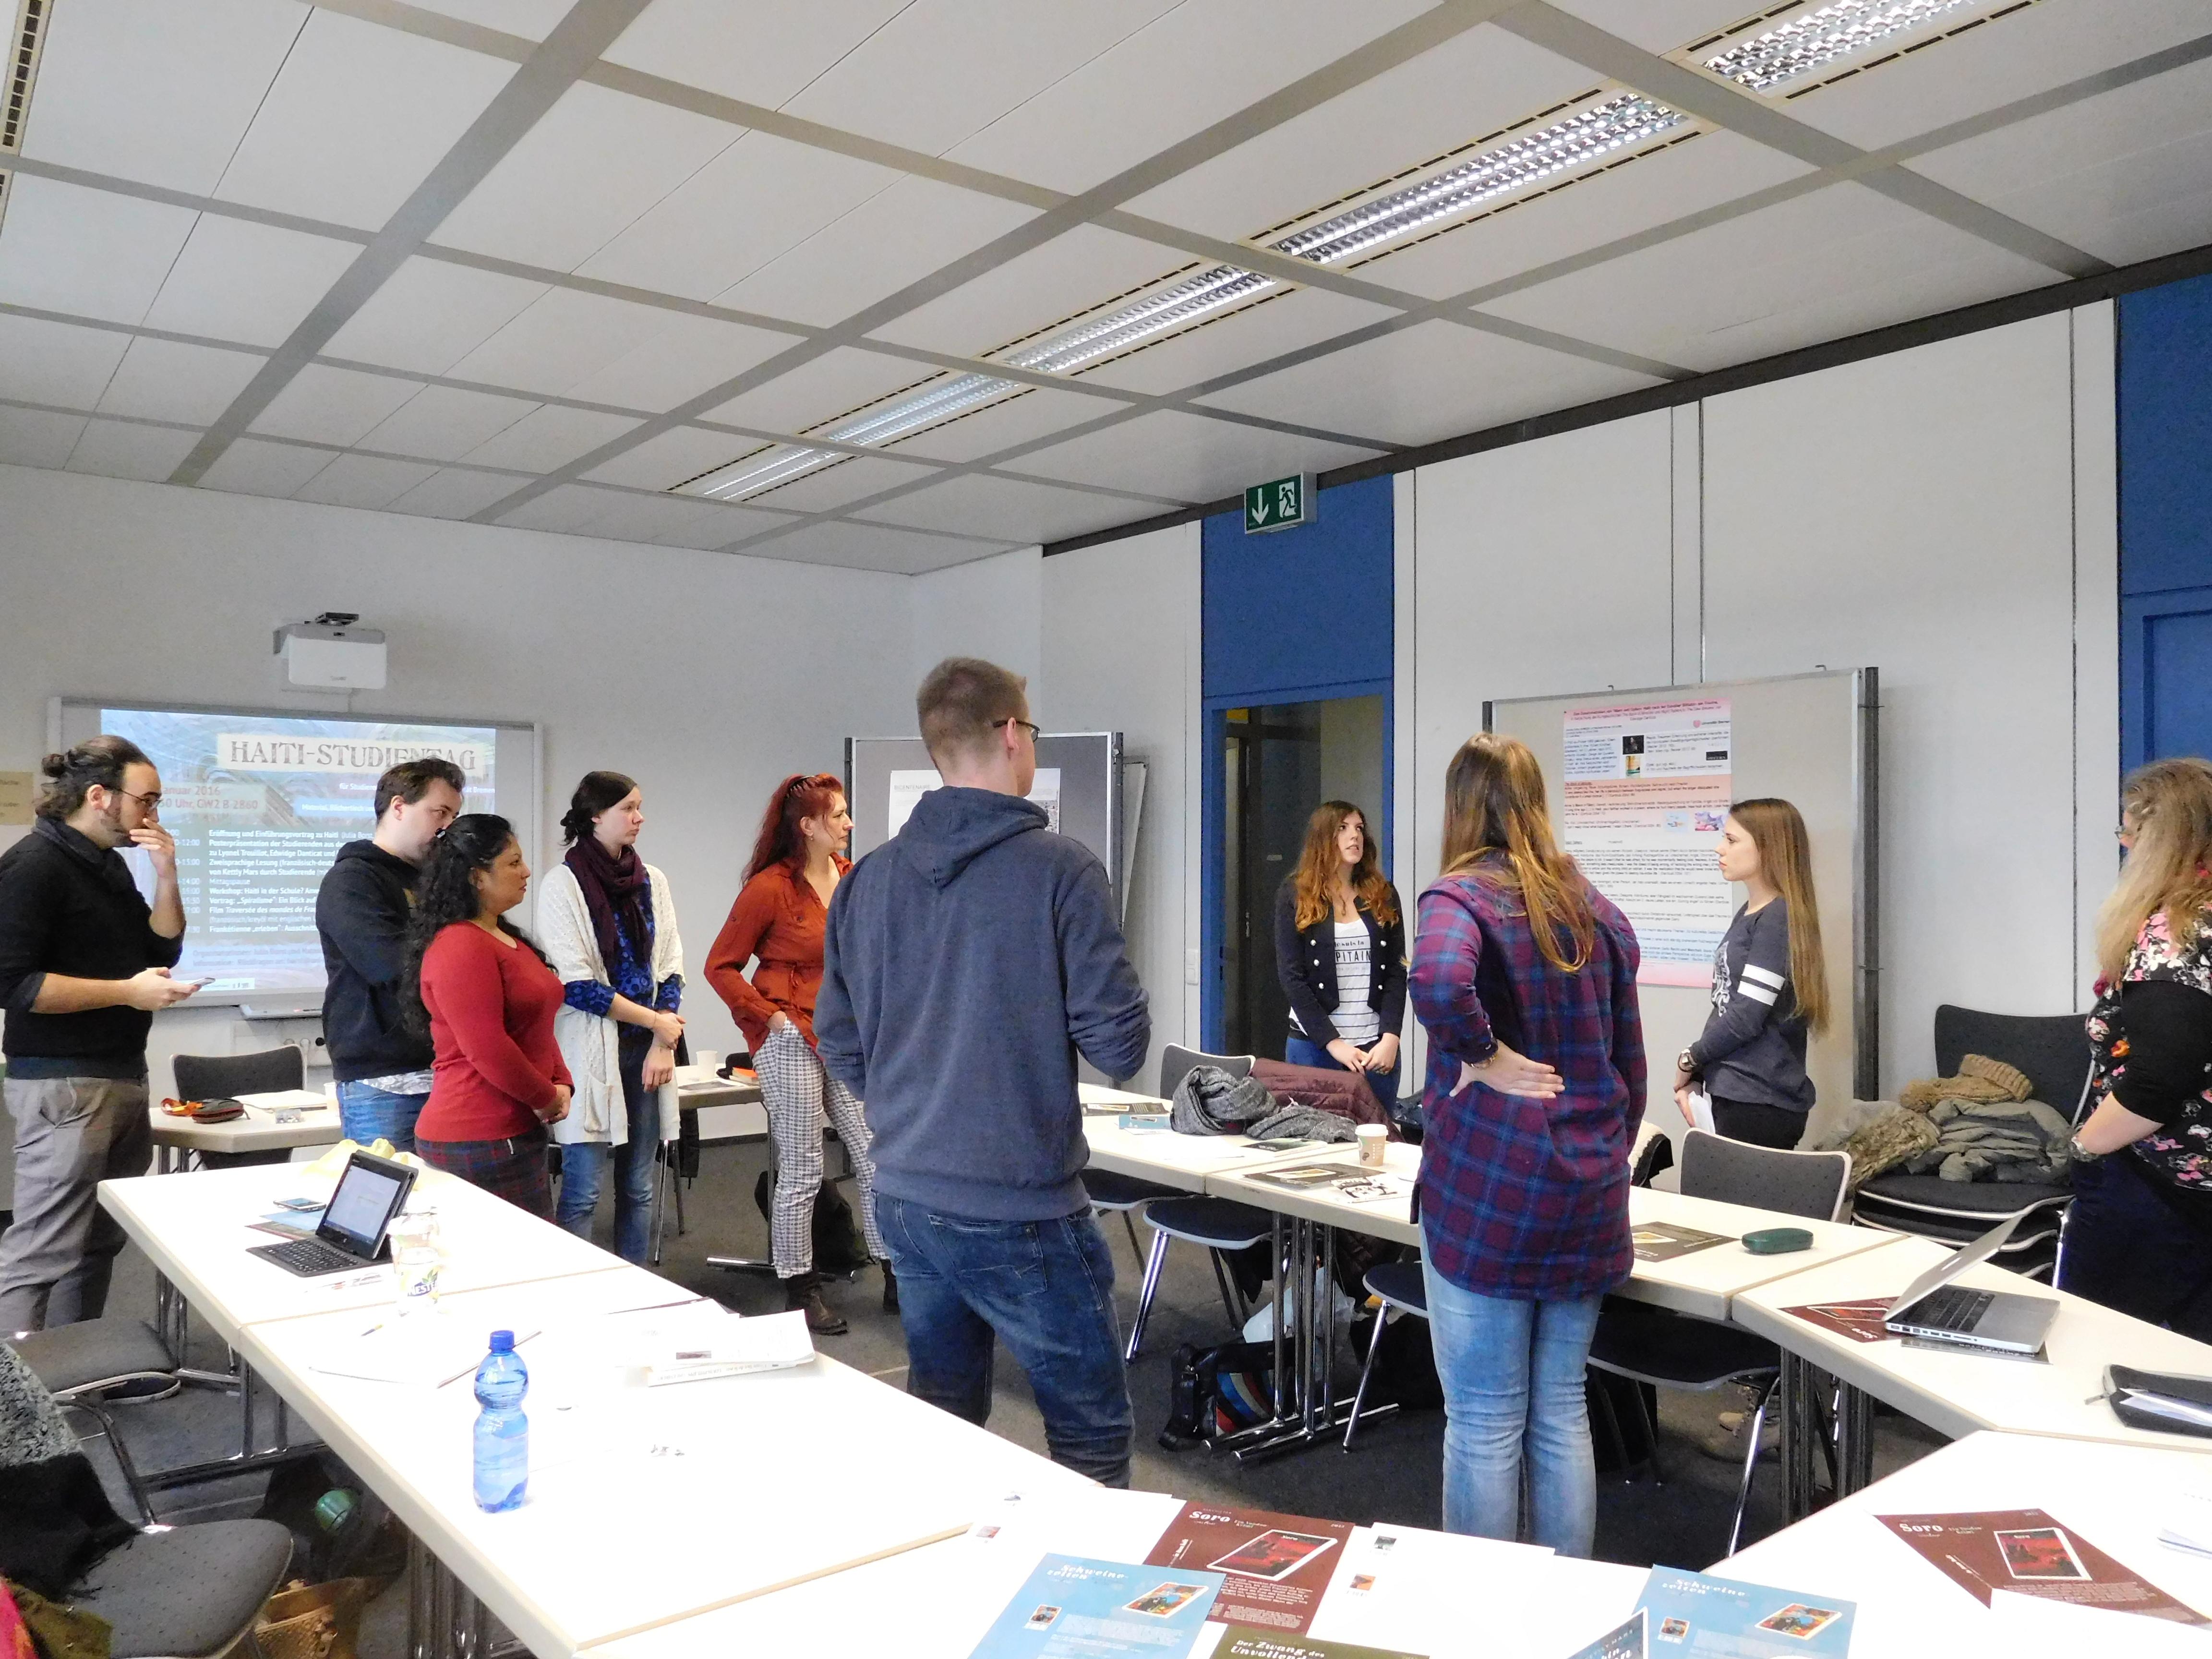 Abbildung 3: Studierende präsentieren ihre Projektarbeiten